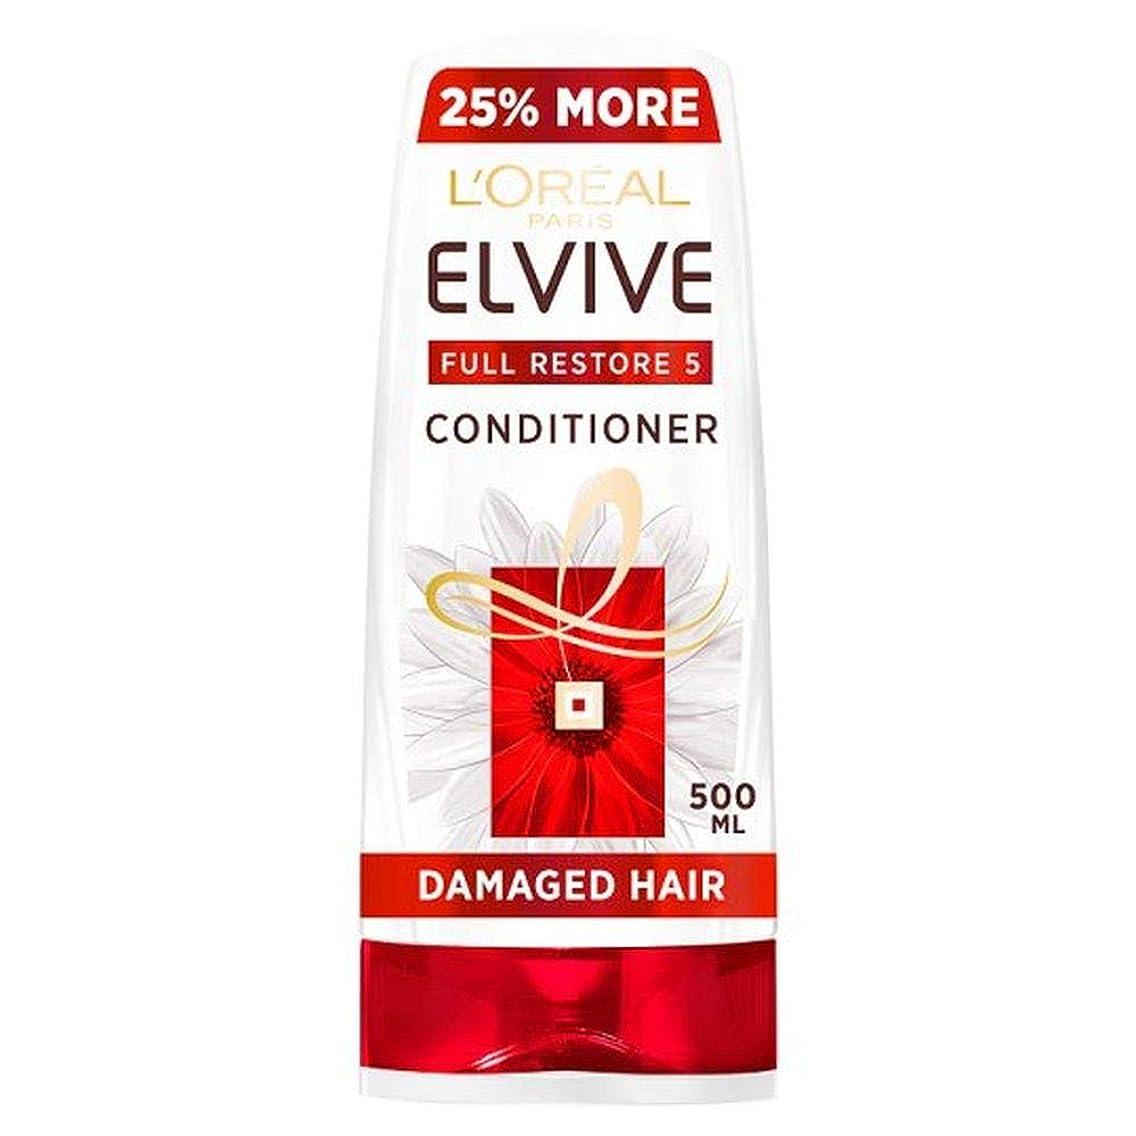 桃圧縮する明確な[Elvive] ロレアルElvive極度のダメージヘアコンディショナー500ミリリットル - L'oreal Elvive Extreme Damaged Hair Conditioner 500Ml [並行輸入品]